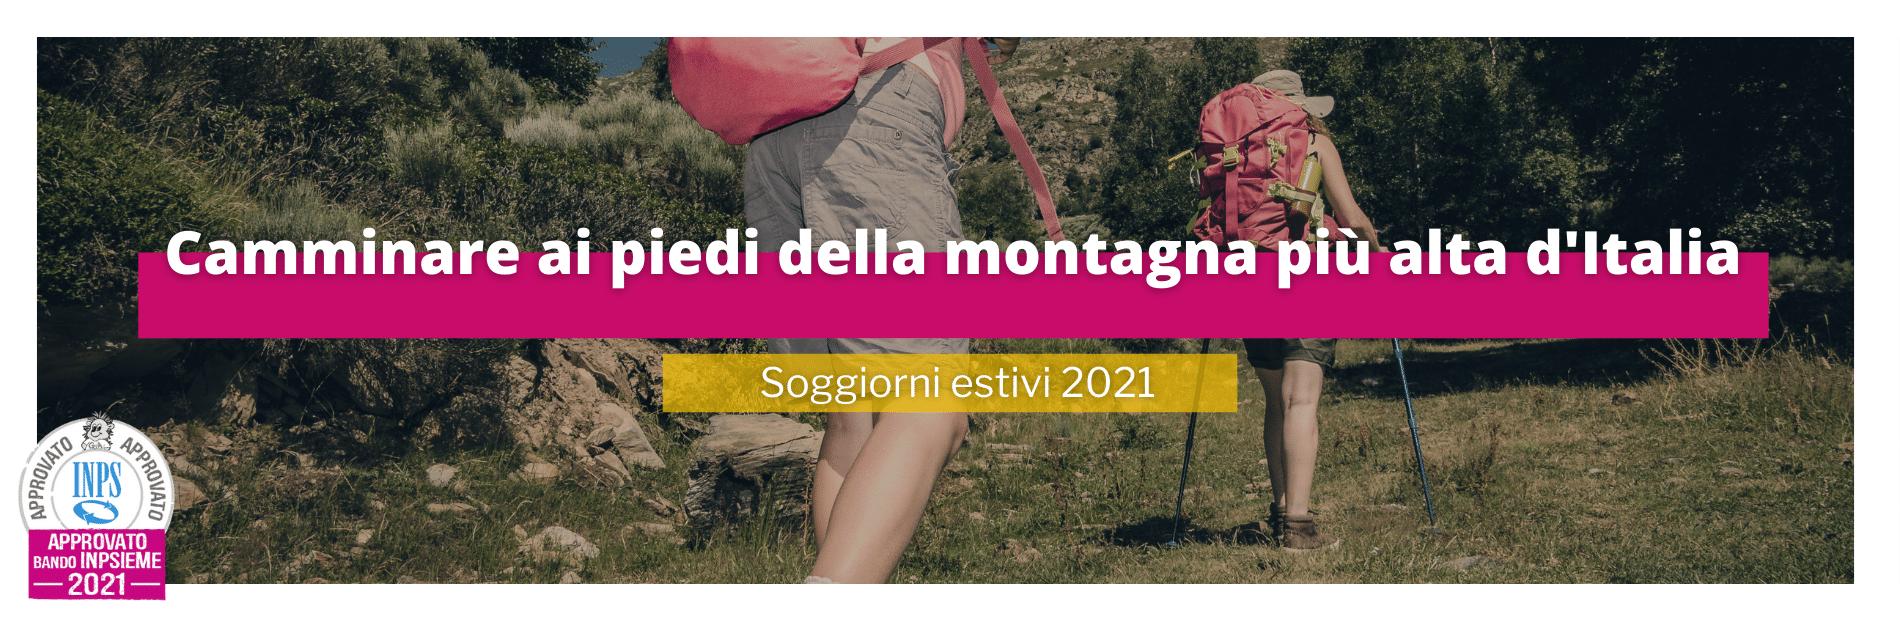 Estate INPSieme 2020 ITALIA Soggiorni Estivi Ragazzi ex Valore Vacanza INPS-Home-Page-GS-3